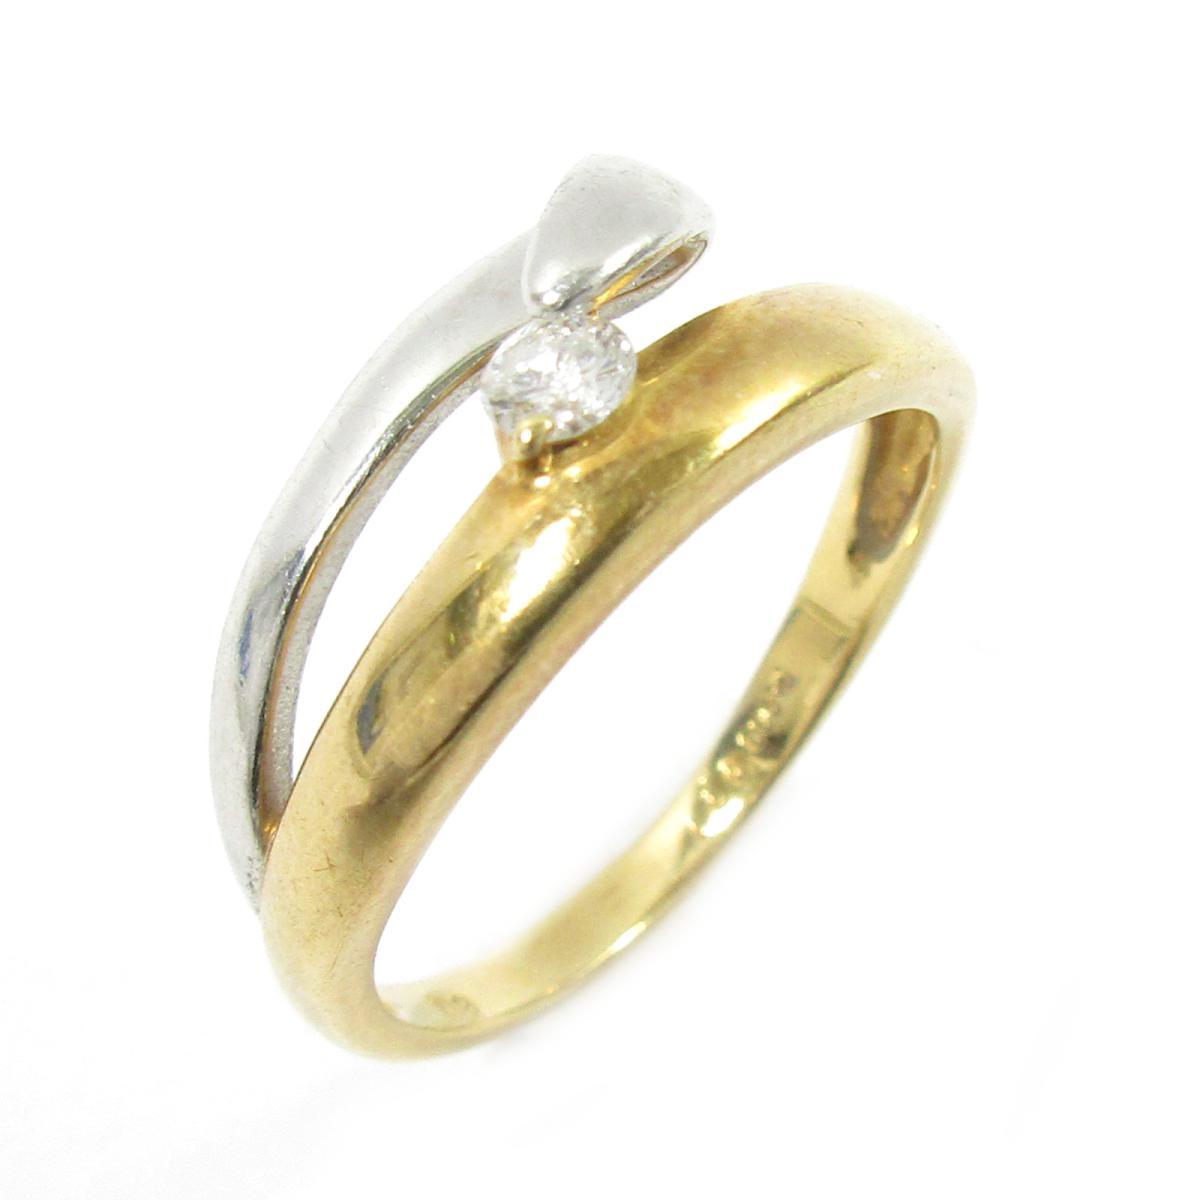 【中古】 ジュエリー ダイヤモンドリング 指輪 レディース K18YG (750) イエローゴールド x PT900 ダイヤモンド ゴールド シルバー クリアー | JEWELRY BRANDOFF ブランドオフ ブランド アクセサリー リング